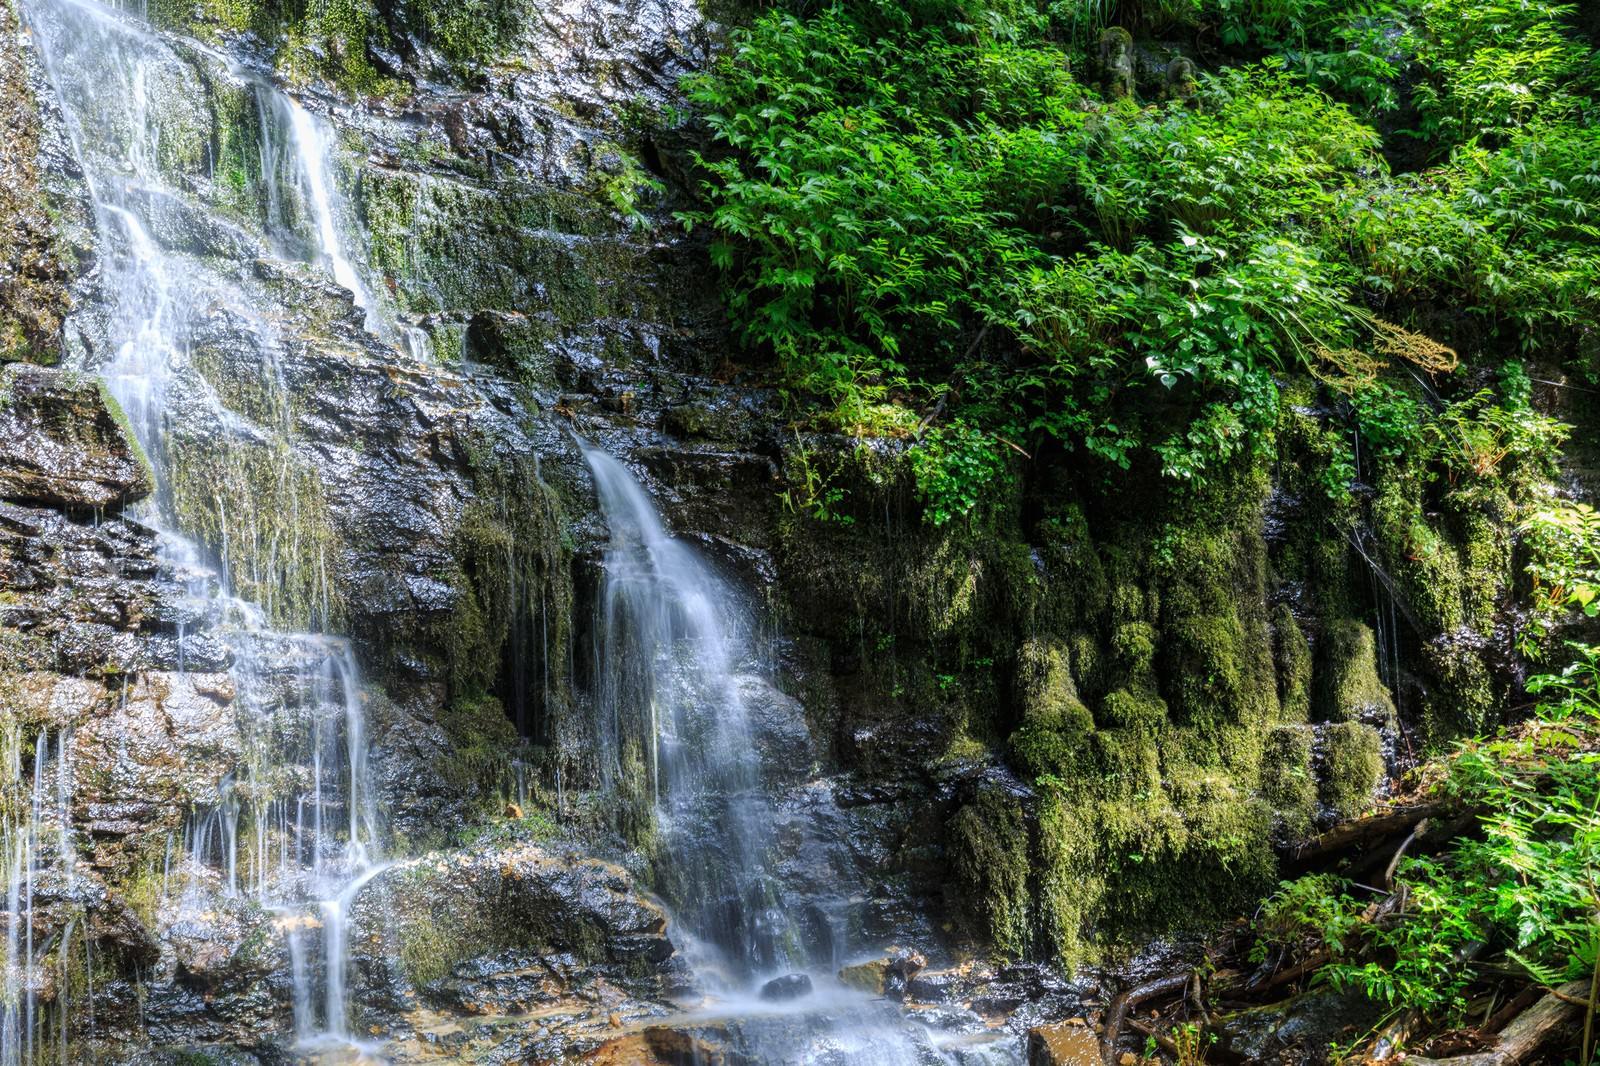 「滝の沢三十三観音(苔むす仏像たち)滝の沢三十三観音(苔むす仏像たち)」のフリー写真素材を拡大